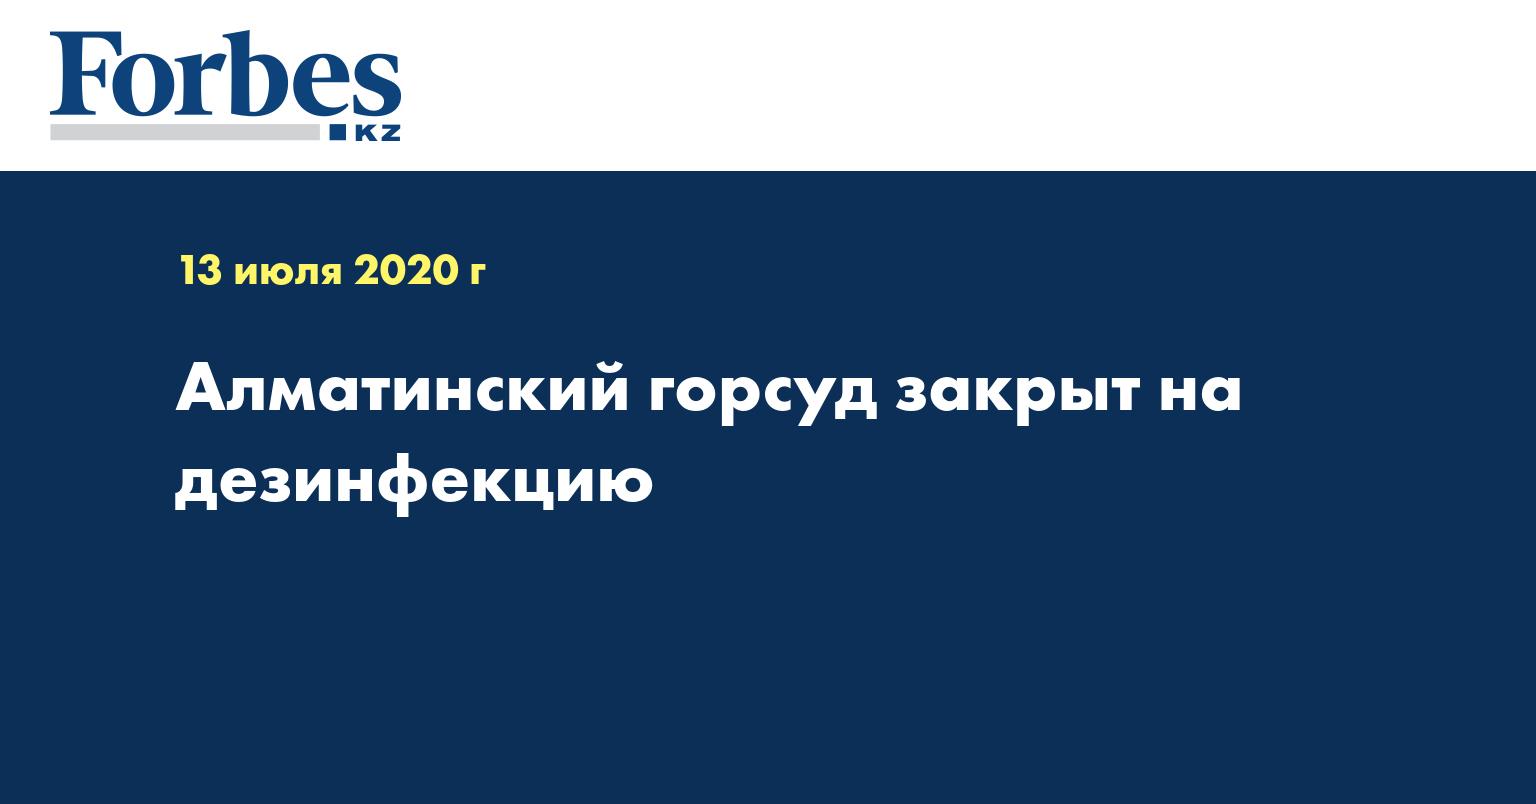 Алматинский горсуд закрыт на дезинфекцию